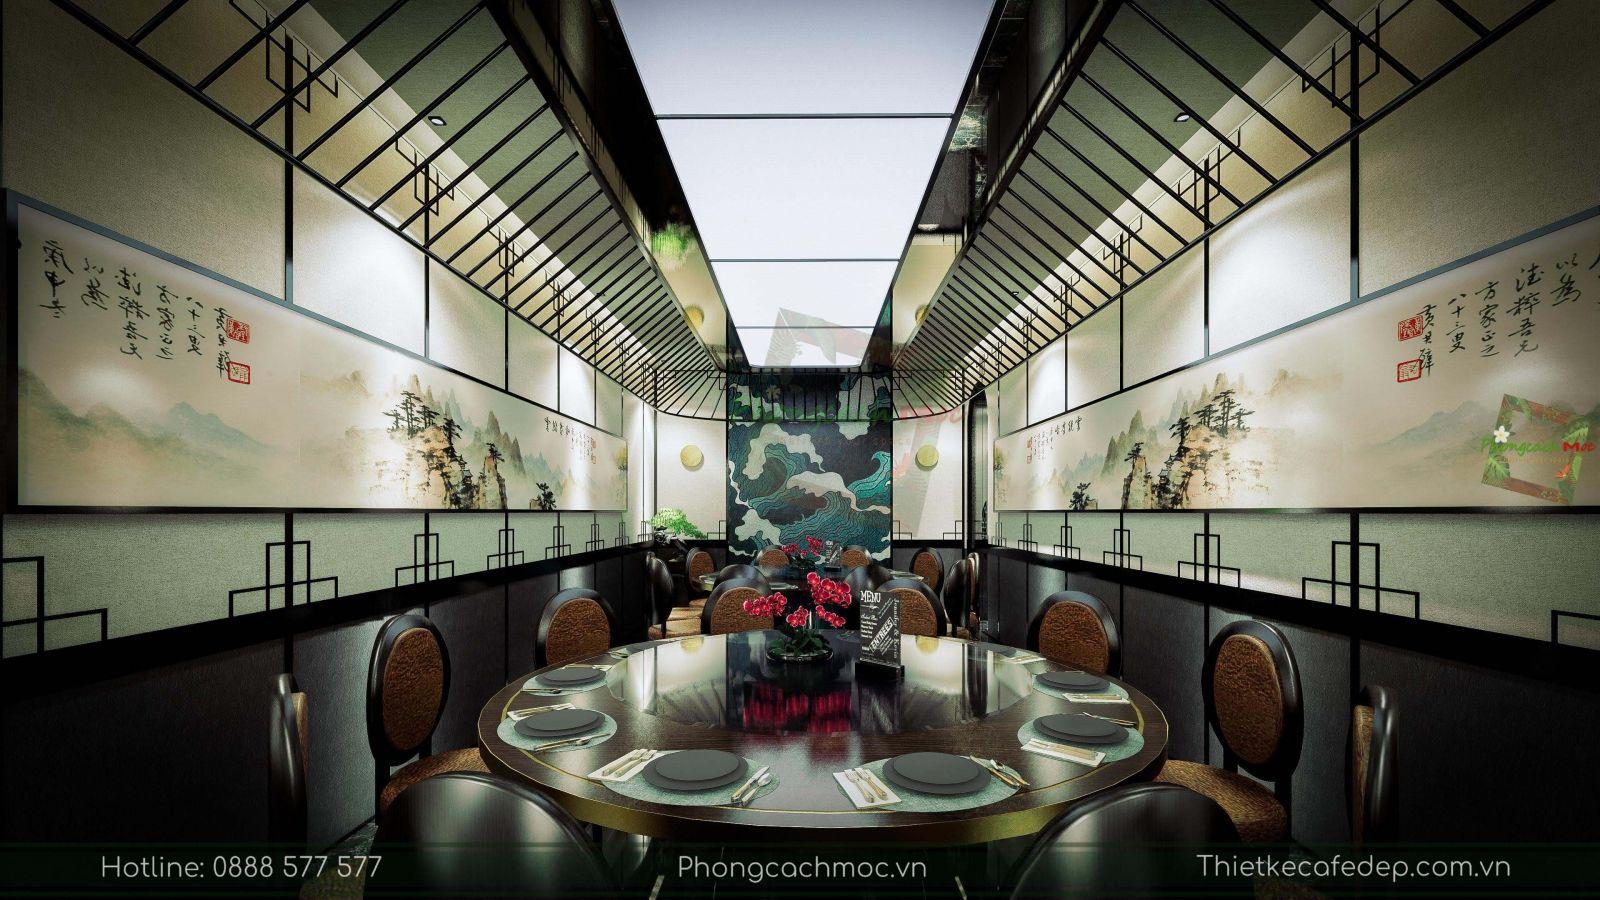 thiết kế nhà hàng trung hoa - nội thất phòng vip 2 - 2